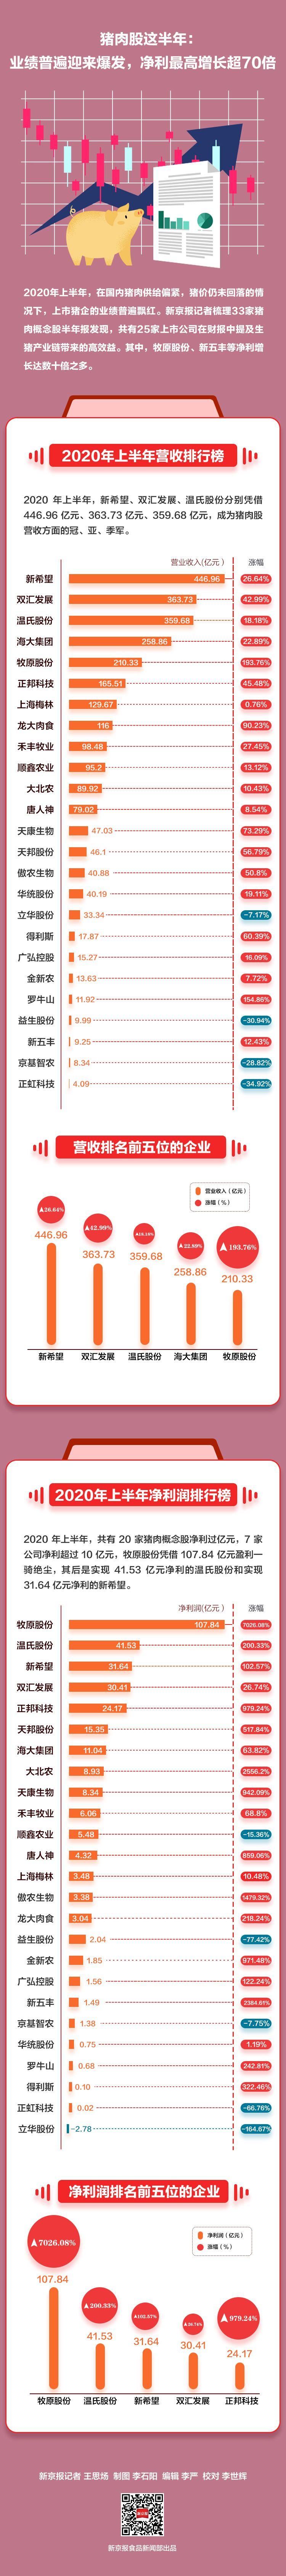 猪肉股这半年:业绩普遍迎来爆发 净利最高增长超70倍